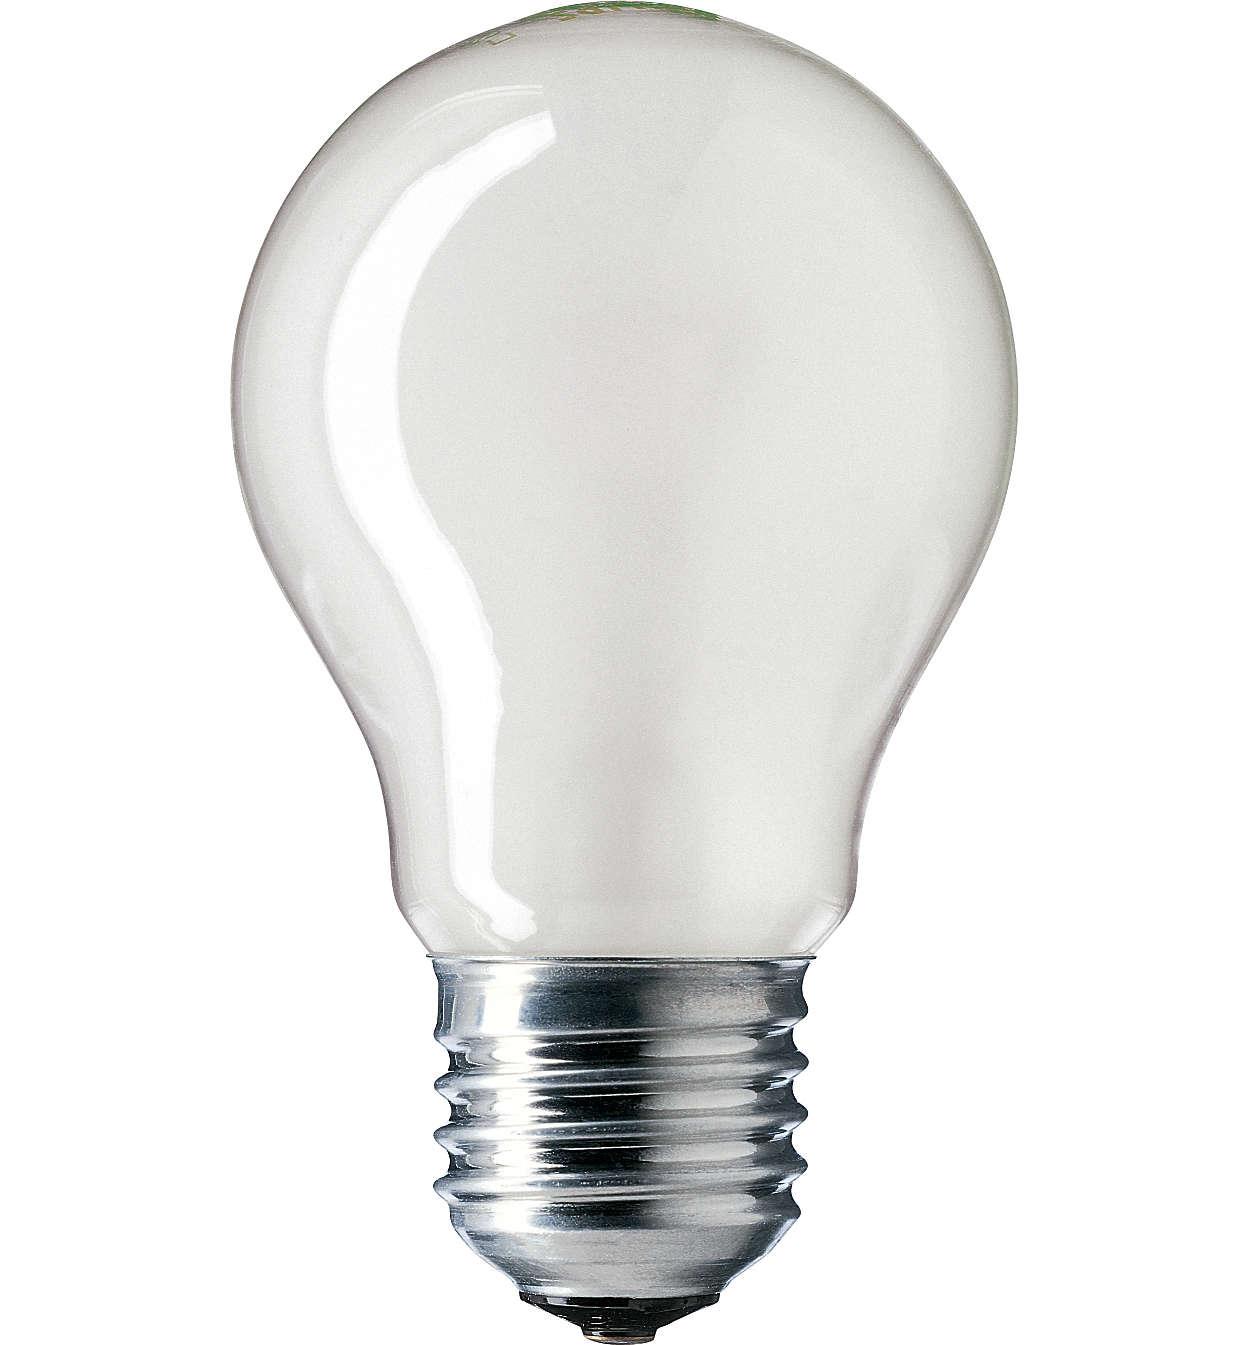 Lamp: